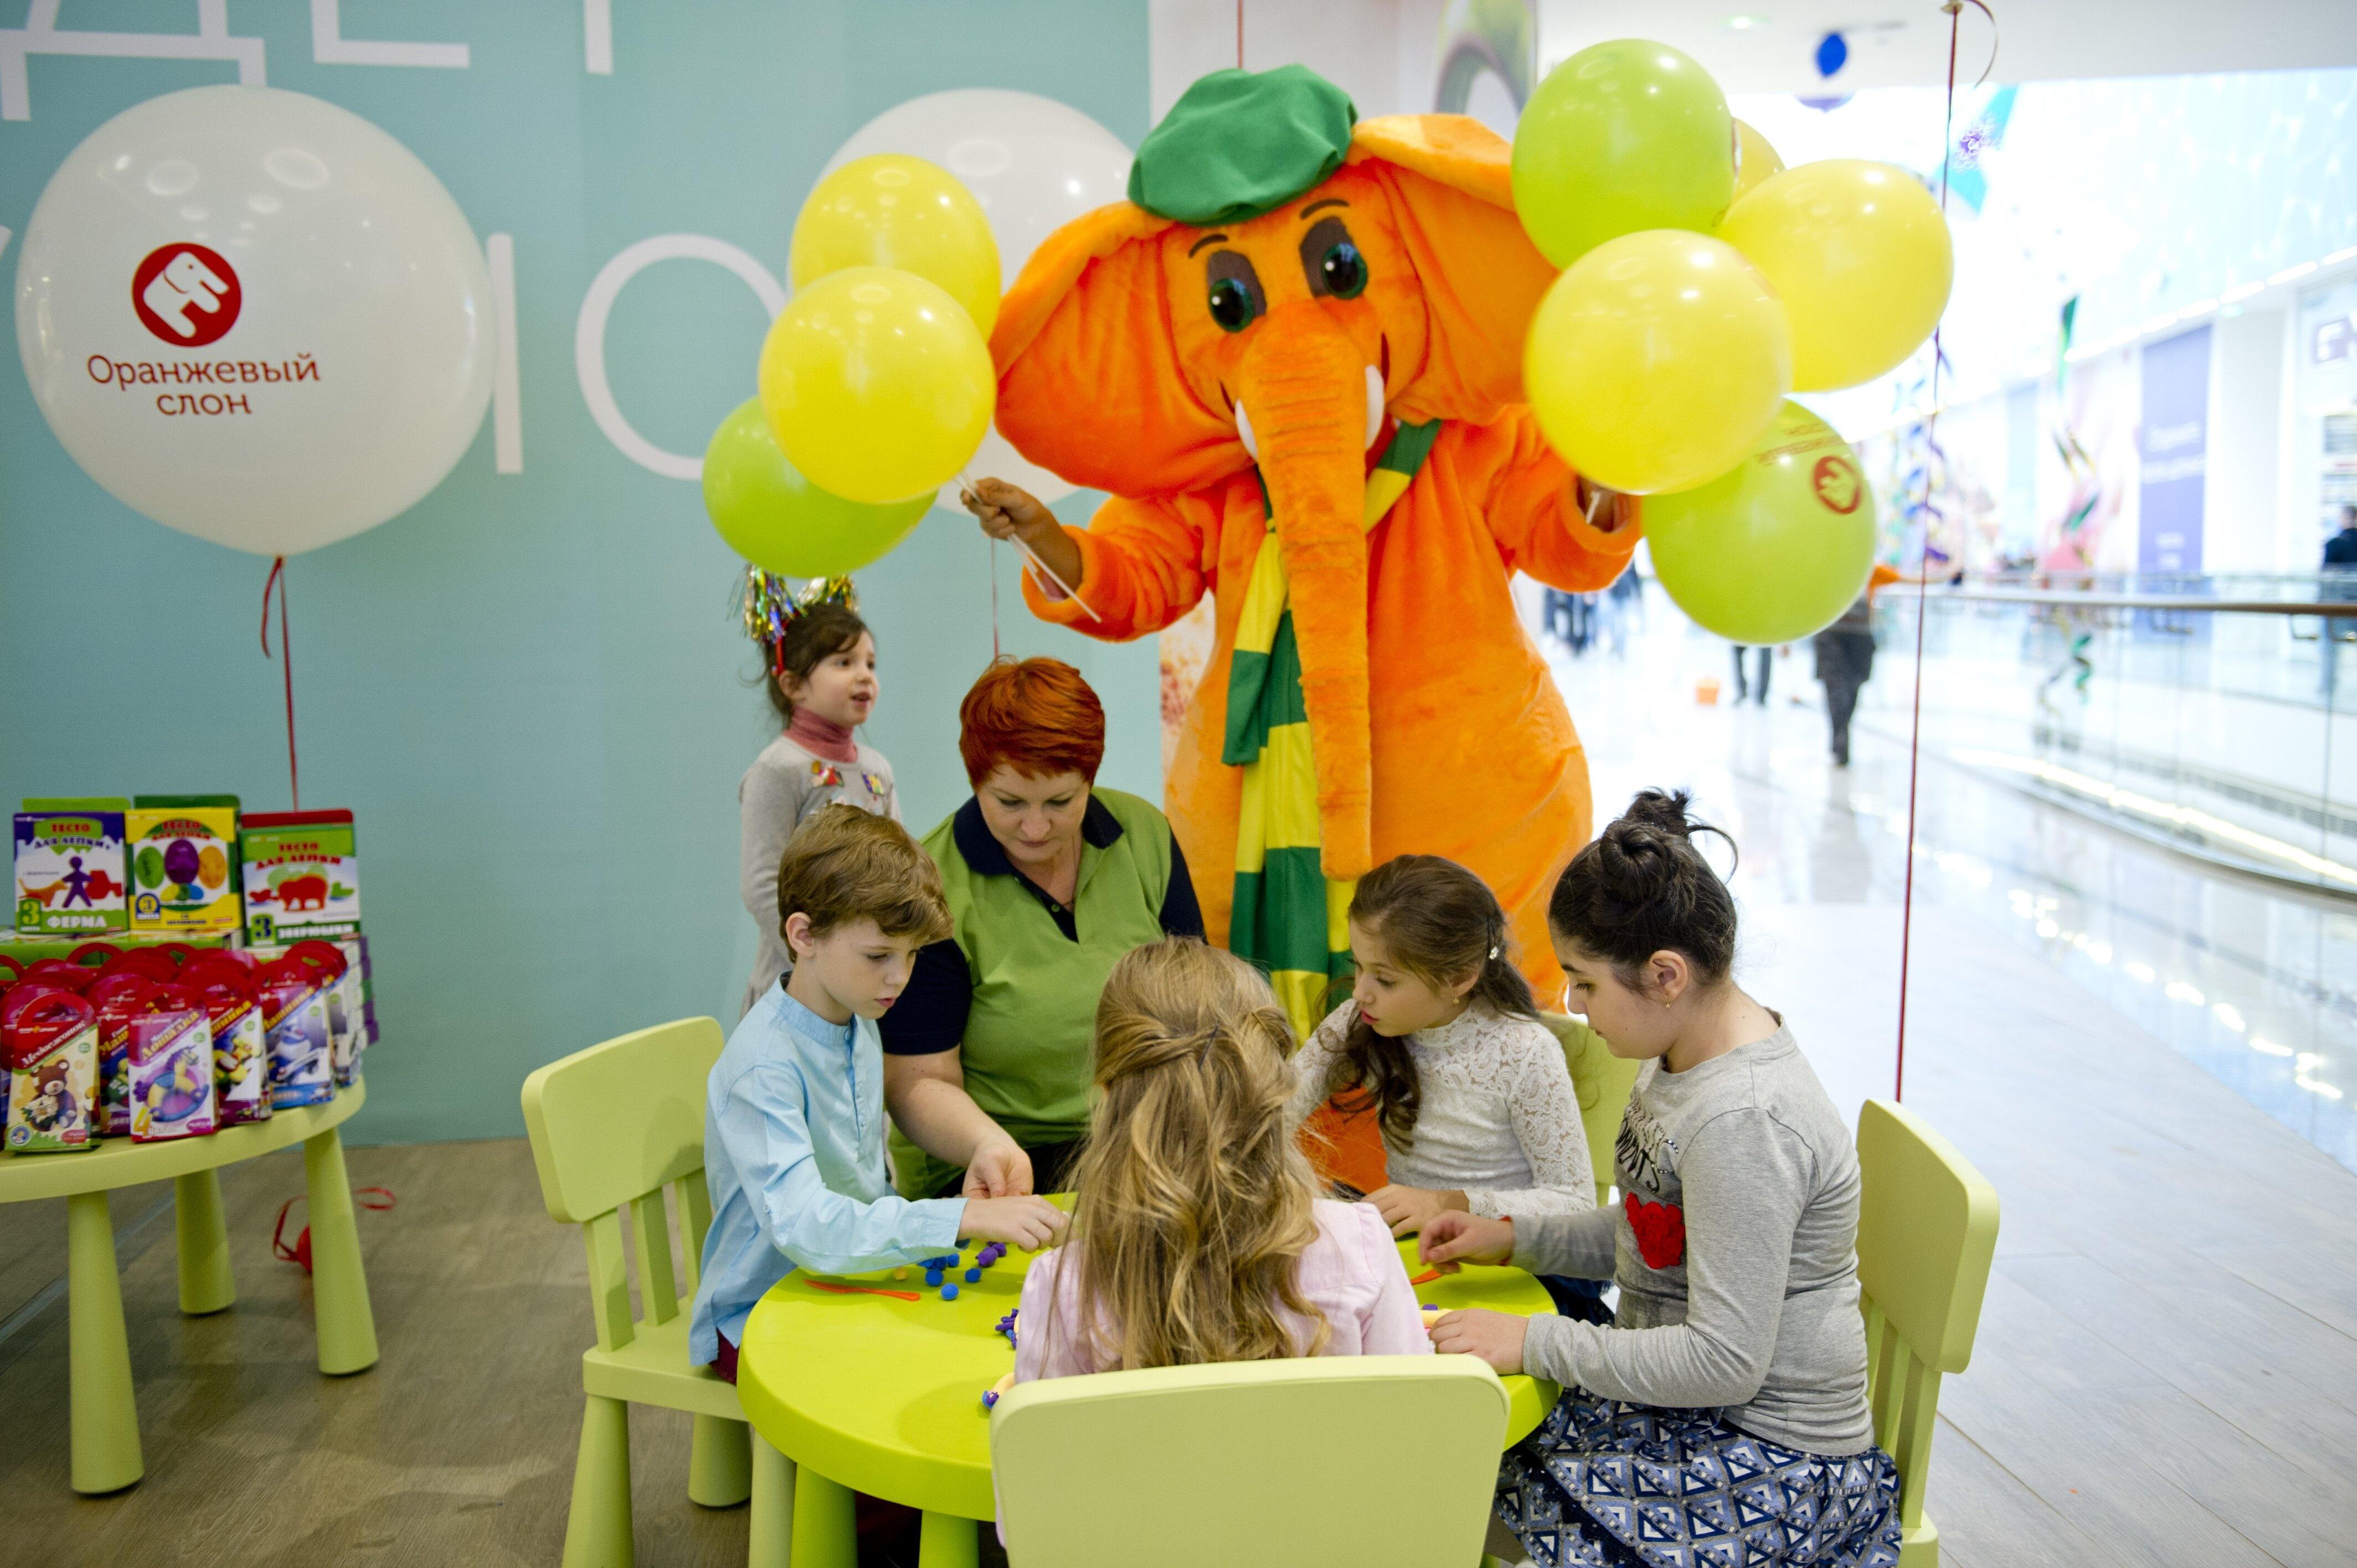 Оранж элефант в москве фото